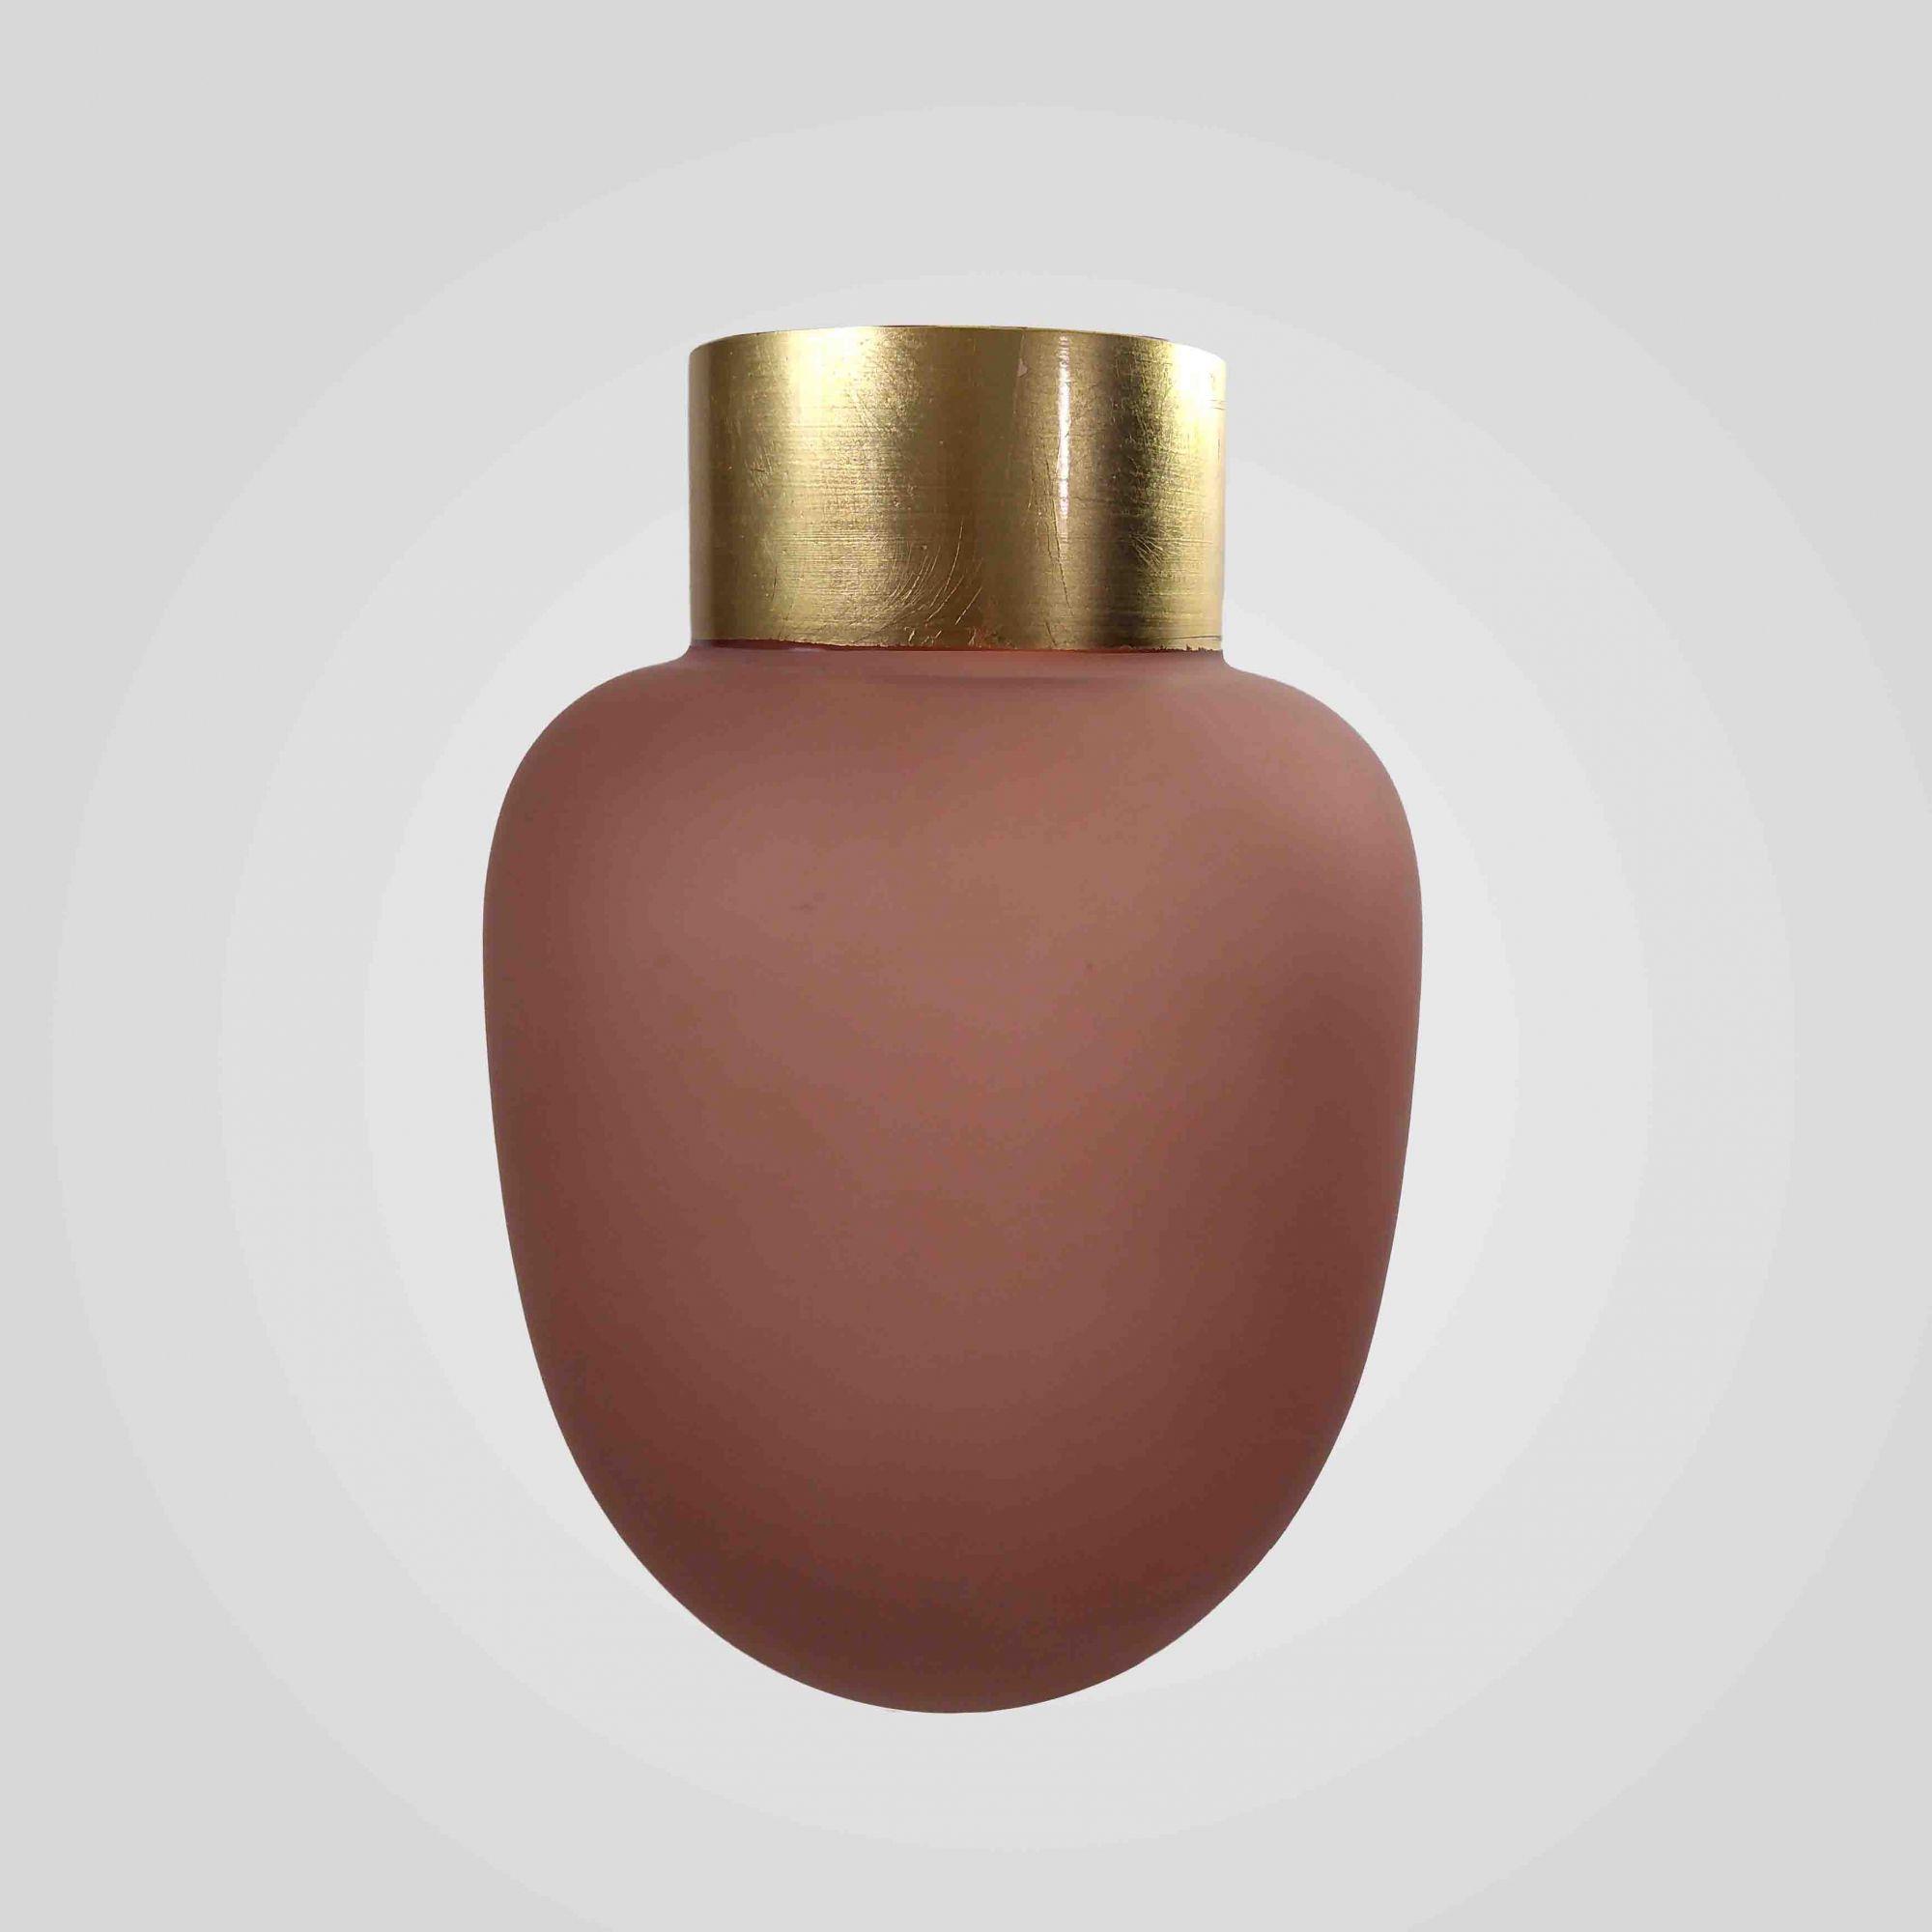 Vaso Decorativo Em Vidro Rosa Detalhe Dourado 18X25,5CM 9013 Mart